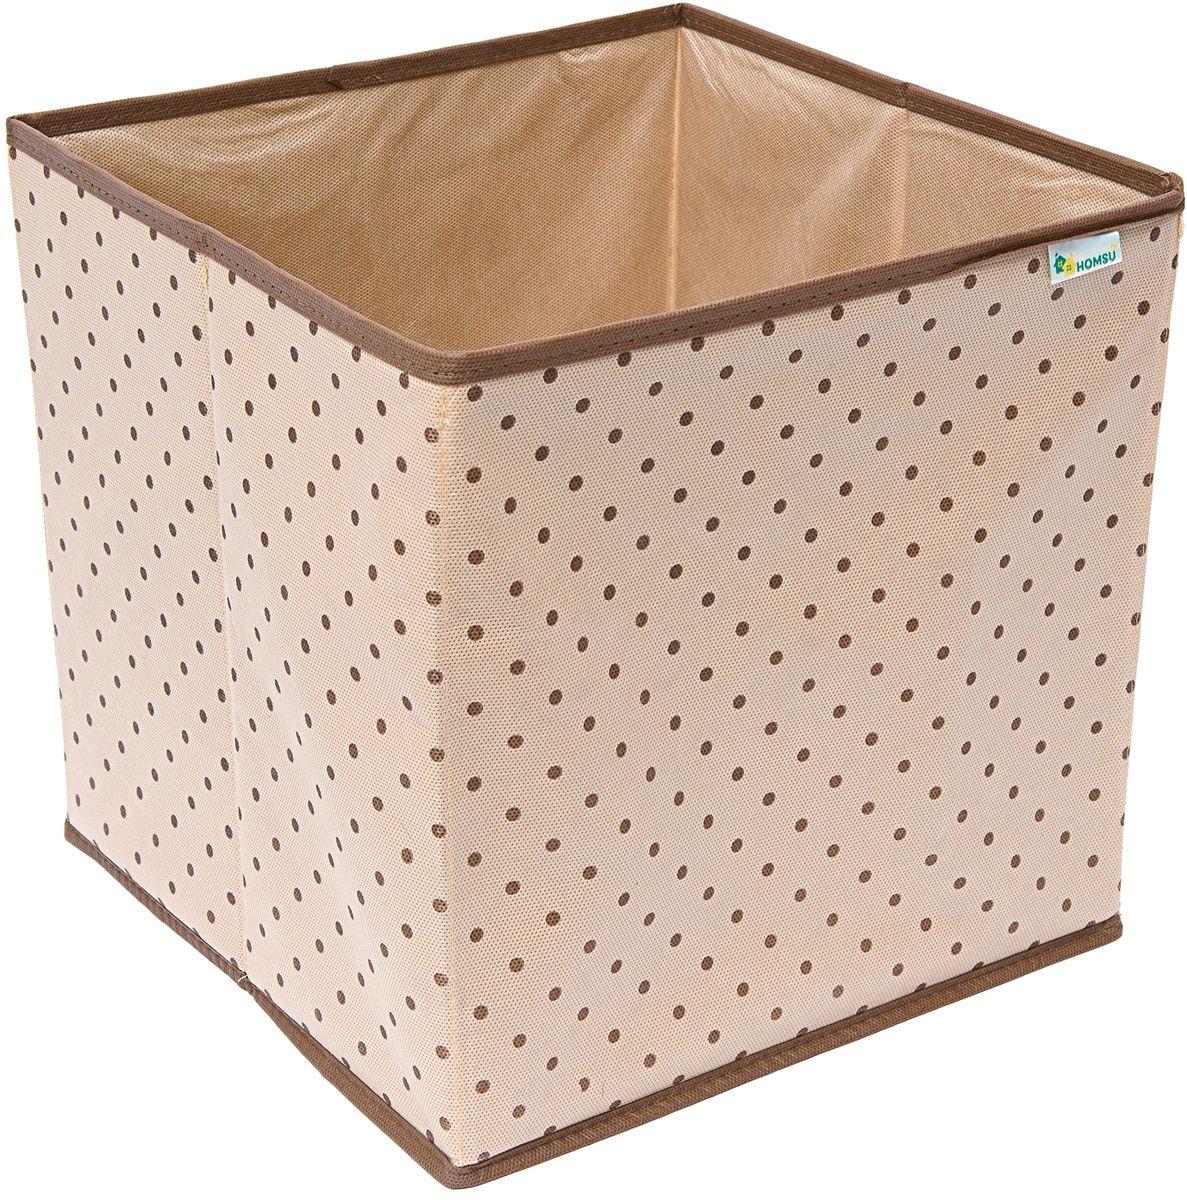 Коробка-куб для хранения вещей Homsu, 30 x 30 x 30 смRG-D31SКомпактная, но в то же время вместительная коробка-куб прекрасно подойдет для хранения одежды, полотенец и других вещей. Выполнена в универсальном дизайне, благодаря чему гармонично впишется в любой интерьер.